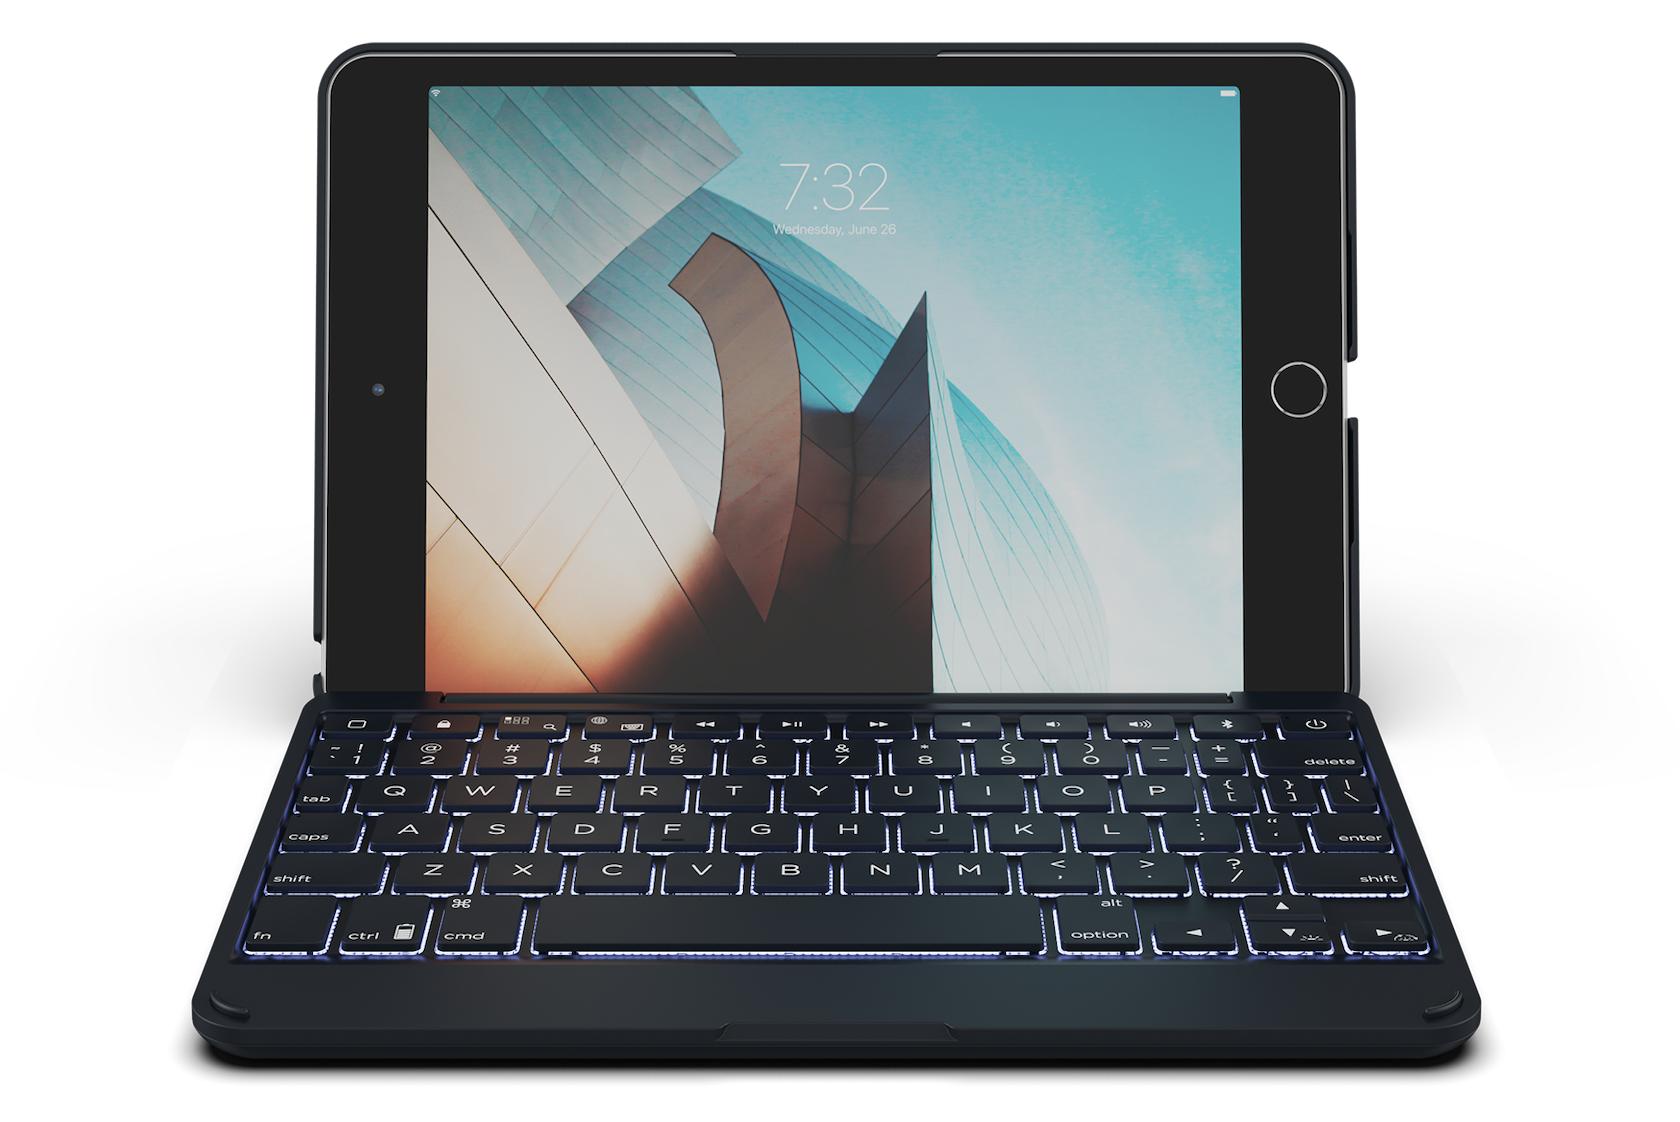 Tastatur til iPad mini 5 | SmartJa.no